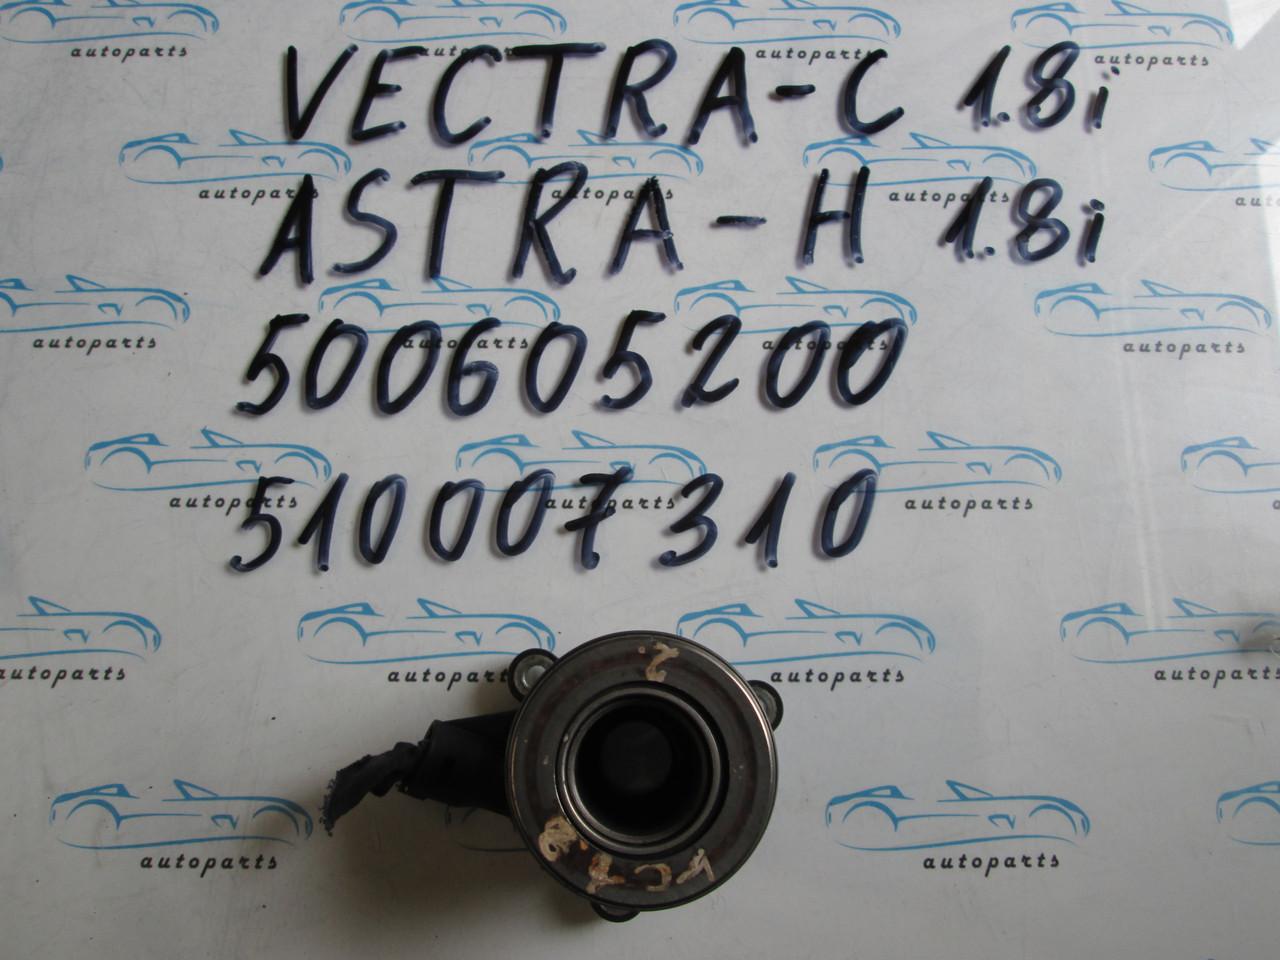 Выжимной подшипник Opel 500605200, 510007310